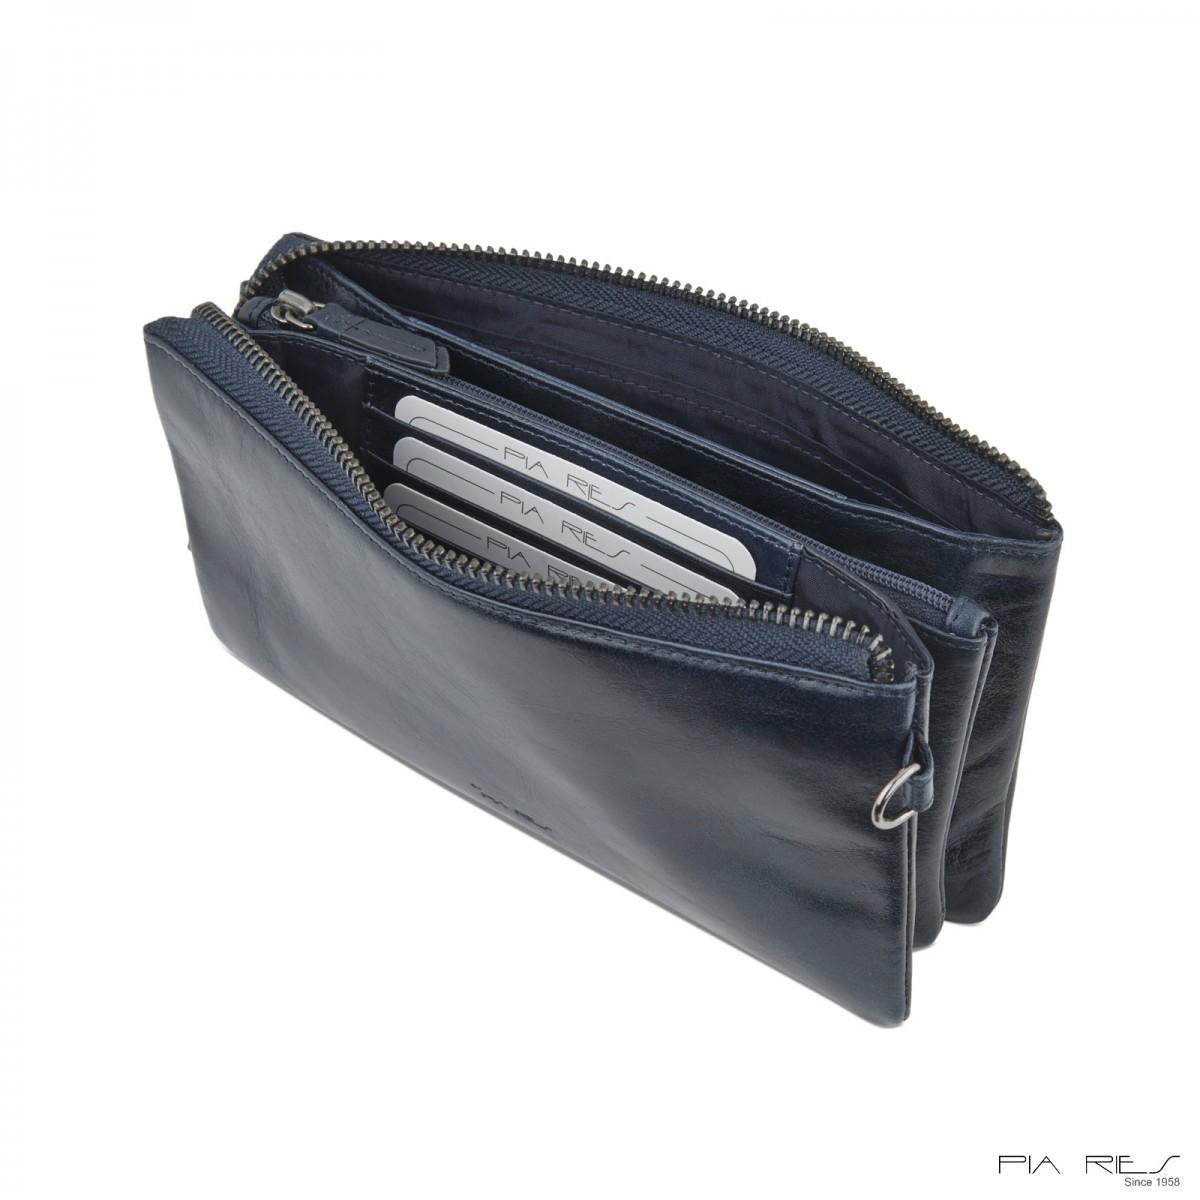 Clutch taske i Rain Crunch skind-Mørkeblå-35